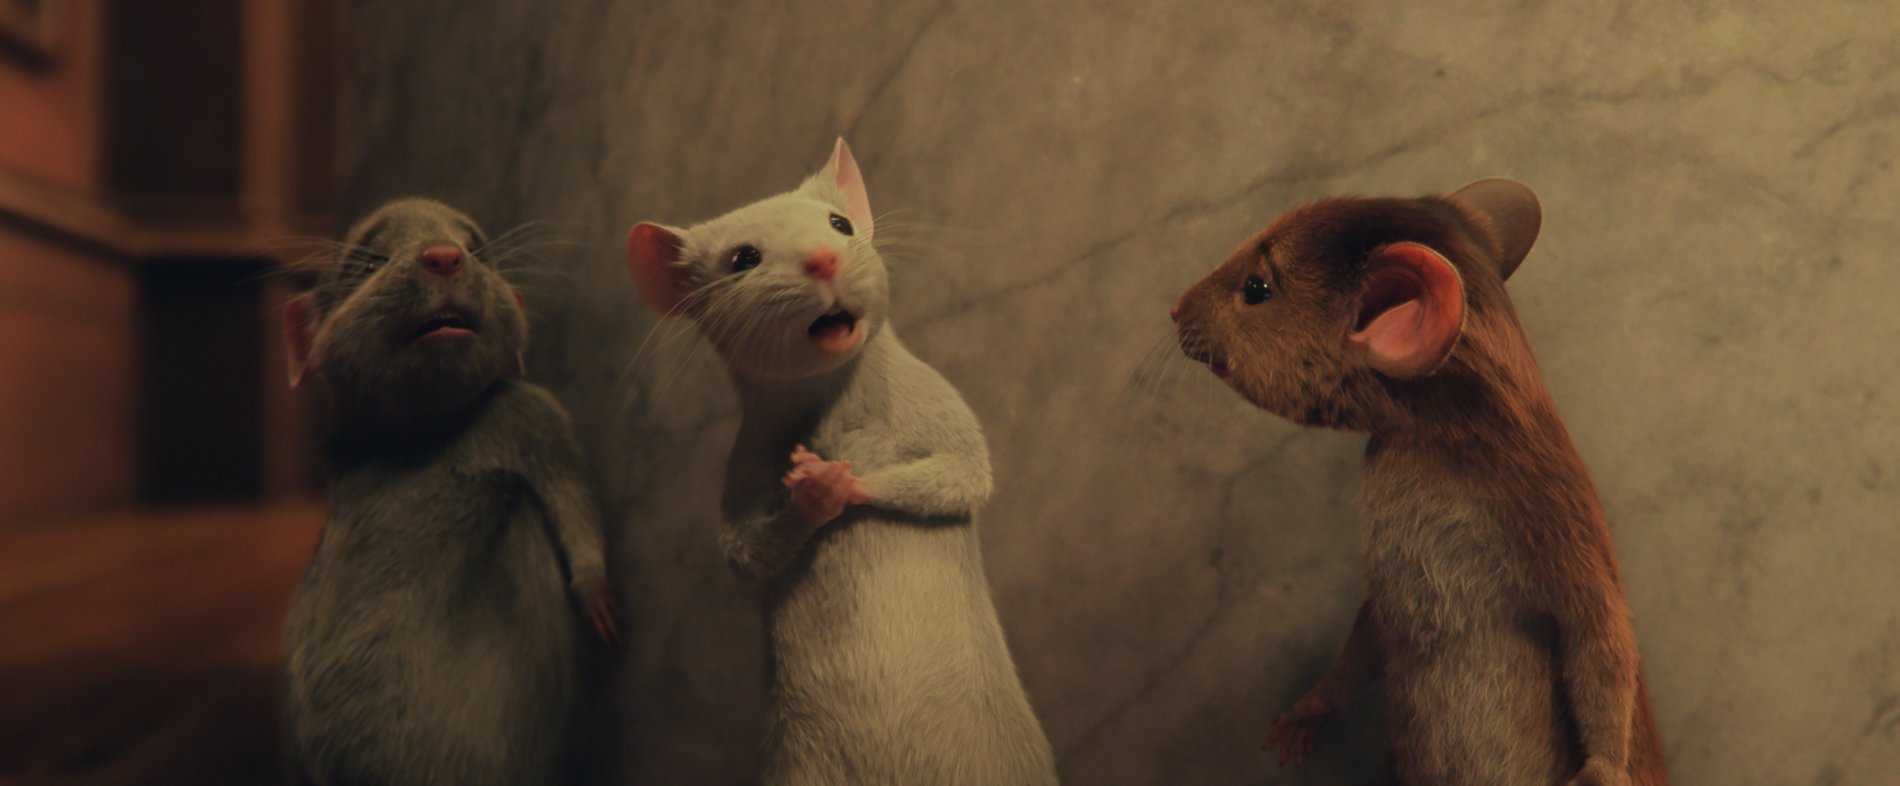 《女巫們》安海瑟葳邪惡耍壞  巧克力下藥把小孩變老鼠